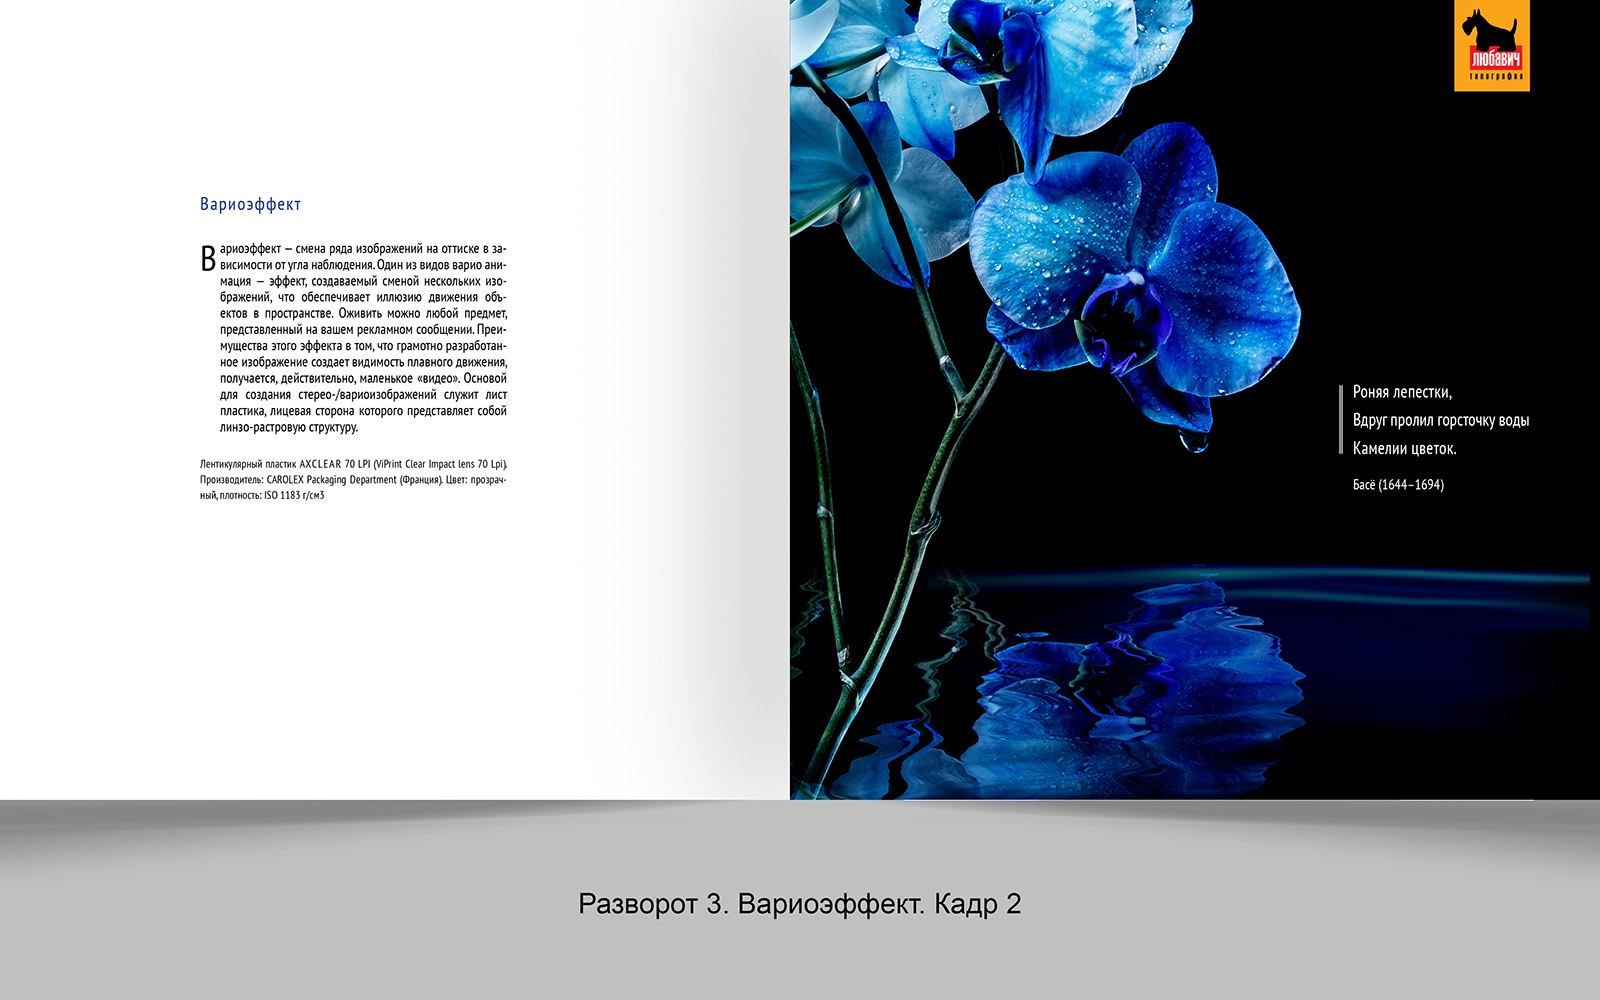 Дизайн рекламной брошюры возможностей типографии фото f_1895648d4cbc079e.jpg